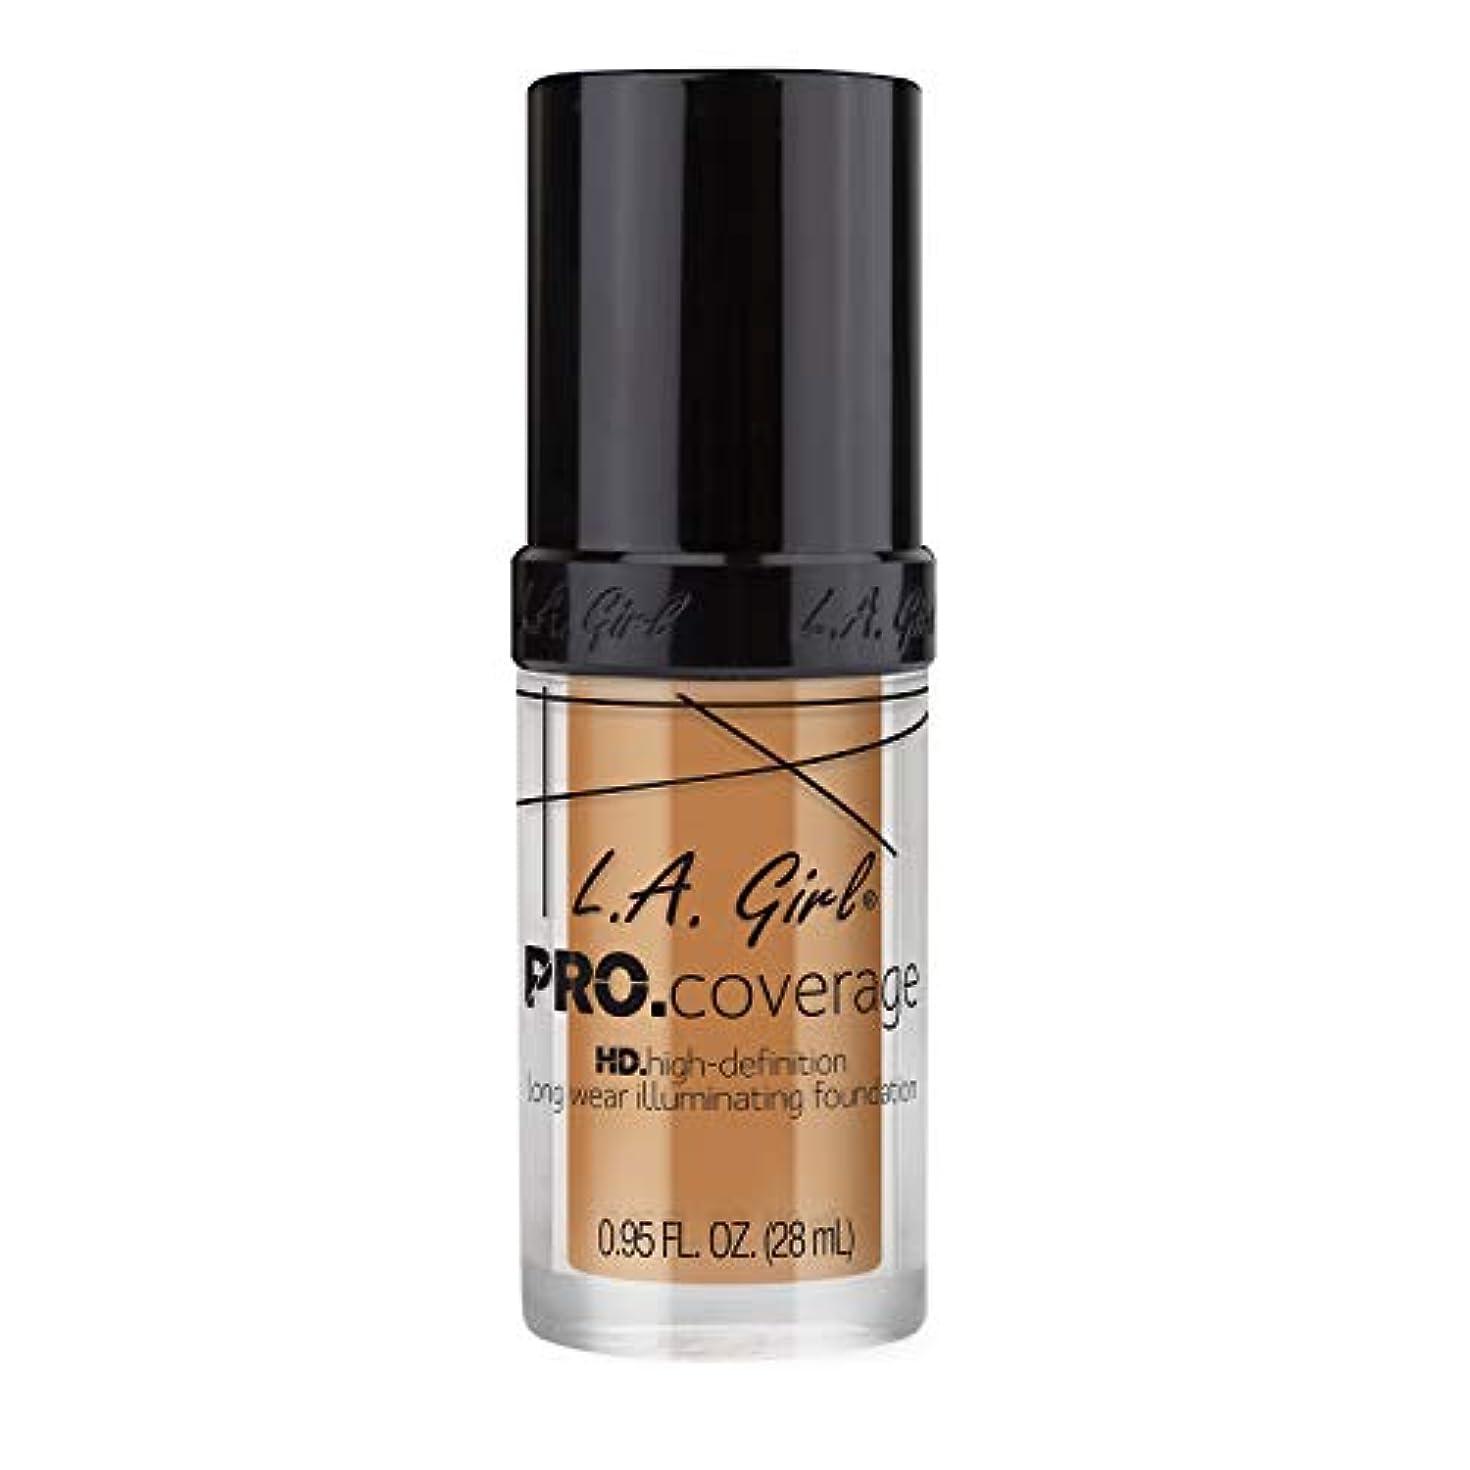 ボア決めます衝動海外直送品 L.A. Girl Pro Coverage Liquid Foundation 28ml, Nude Beige